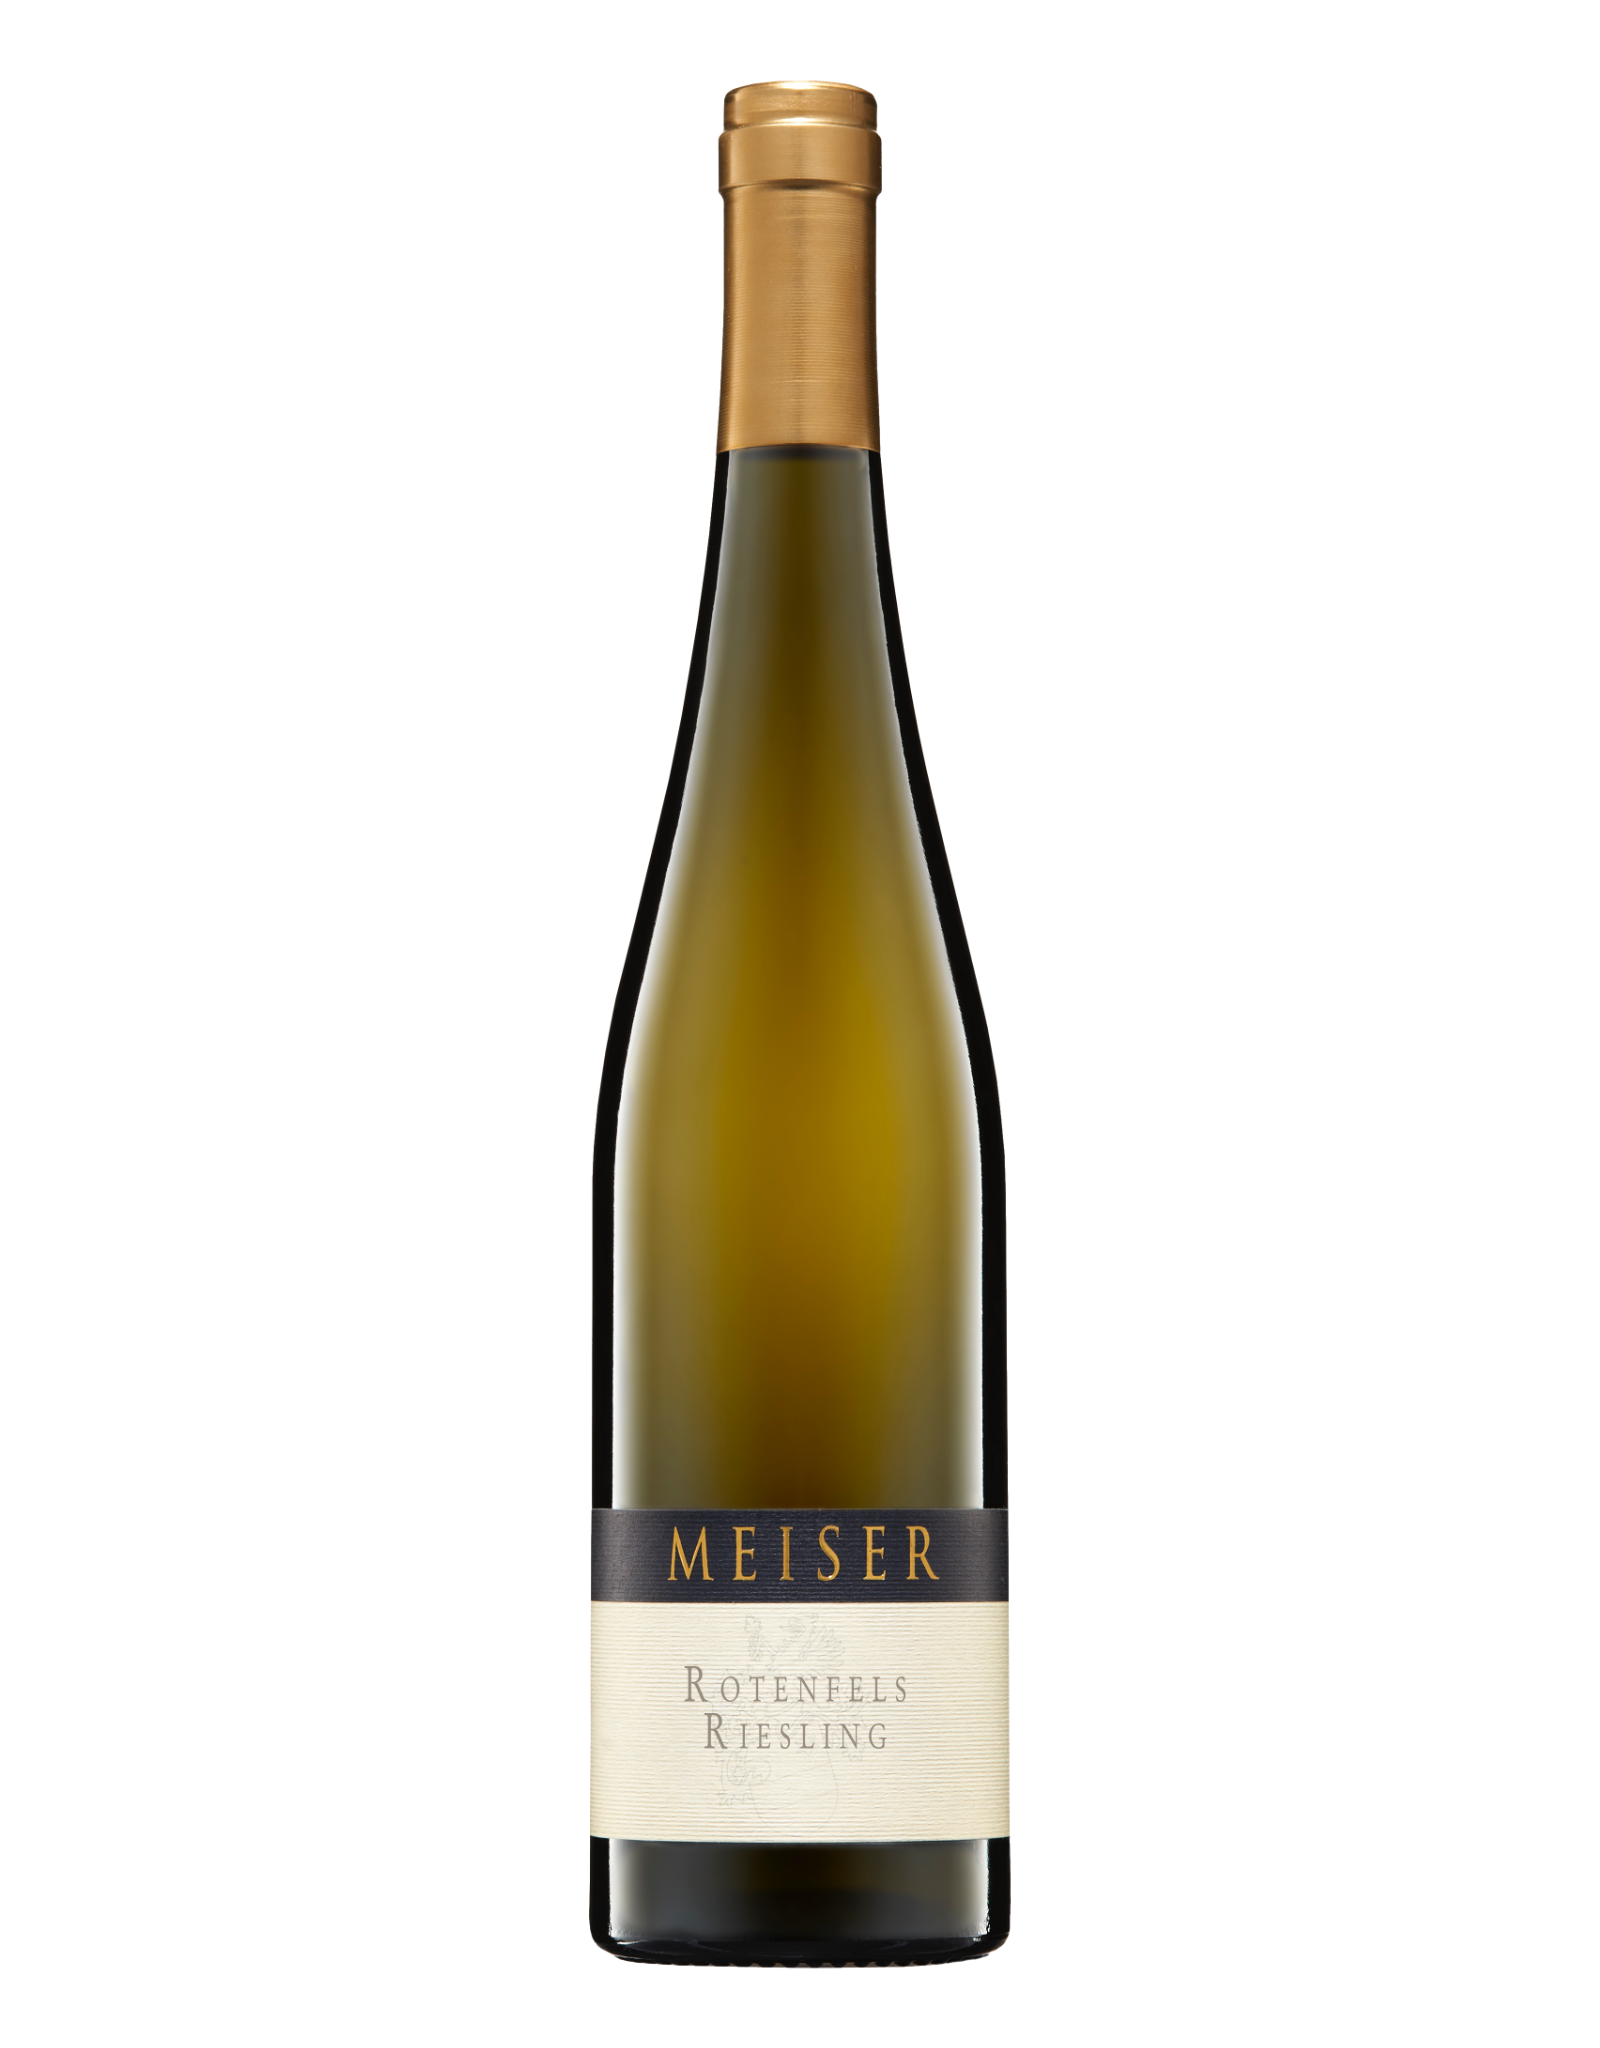 Weingut Meiser Meiser Rotenfels Riesling Spätlese Trocken 2015